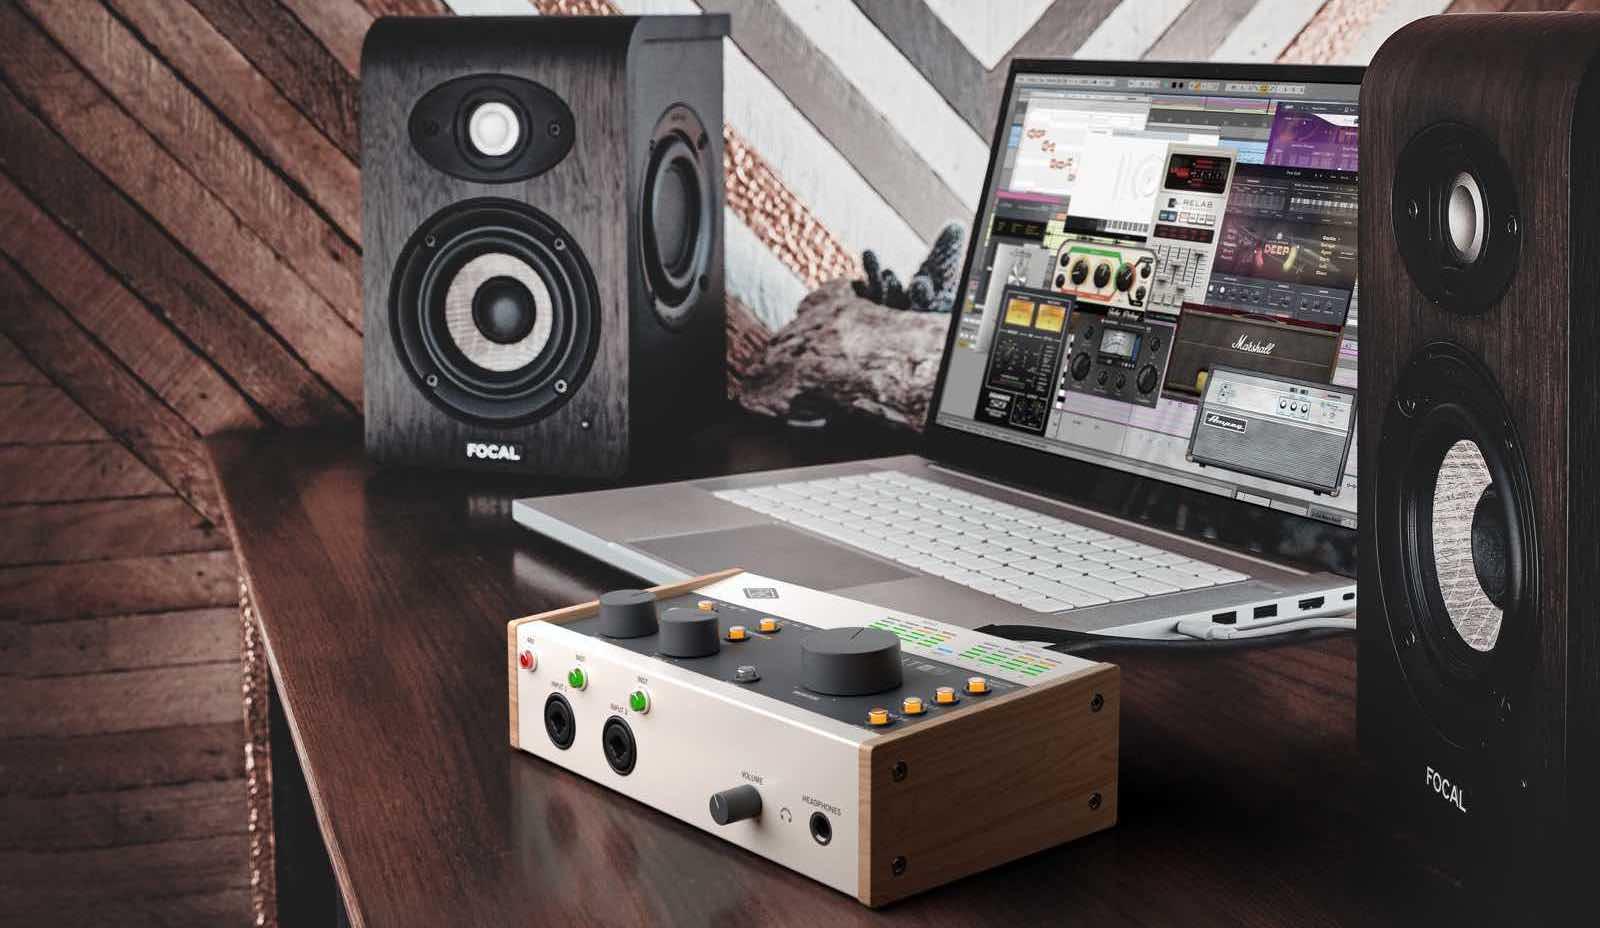 Universal Audio Volt es la nueva serie de interfaces de audio USB-C que ofrece todo el sabor analógico de Universal Audio a un precio accesible.